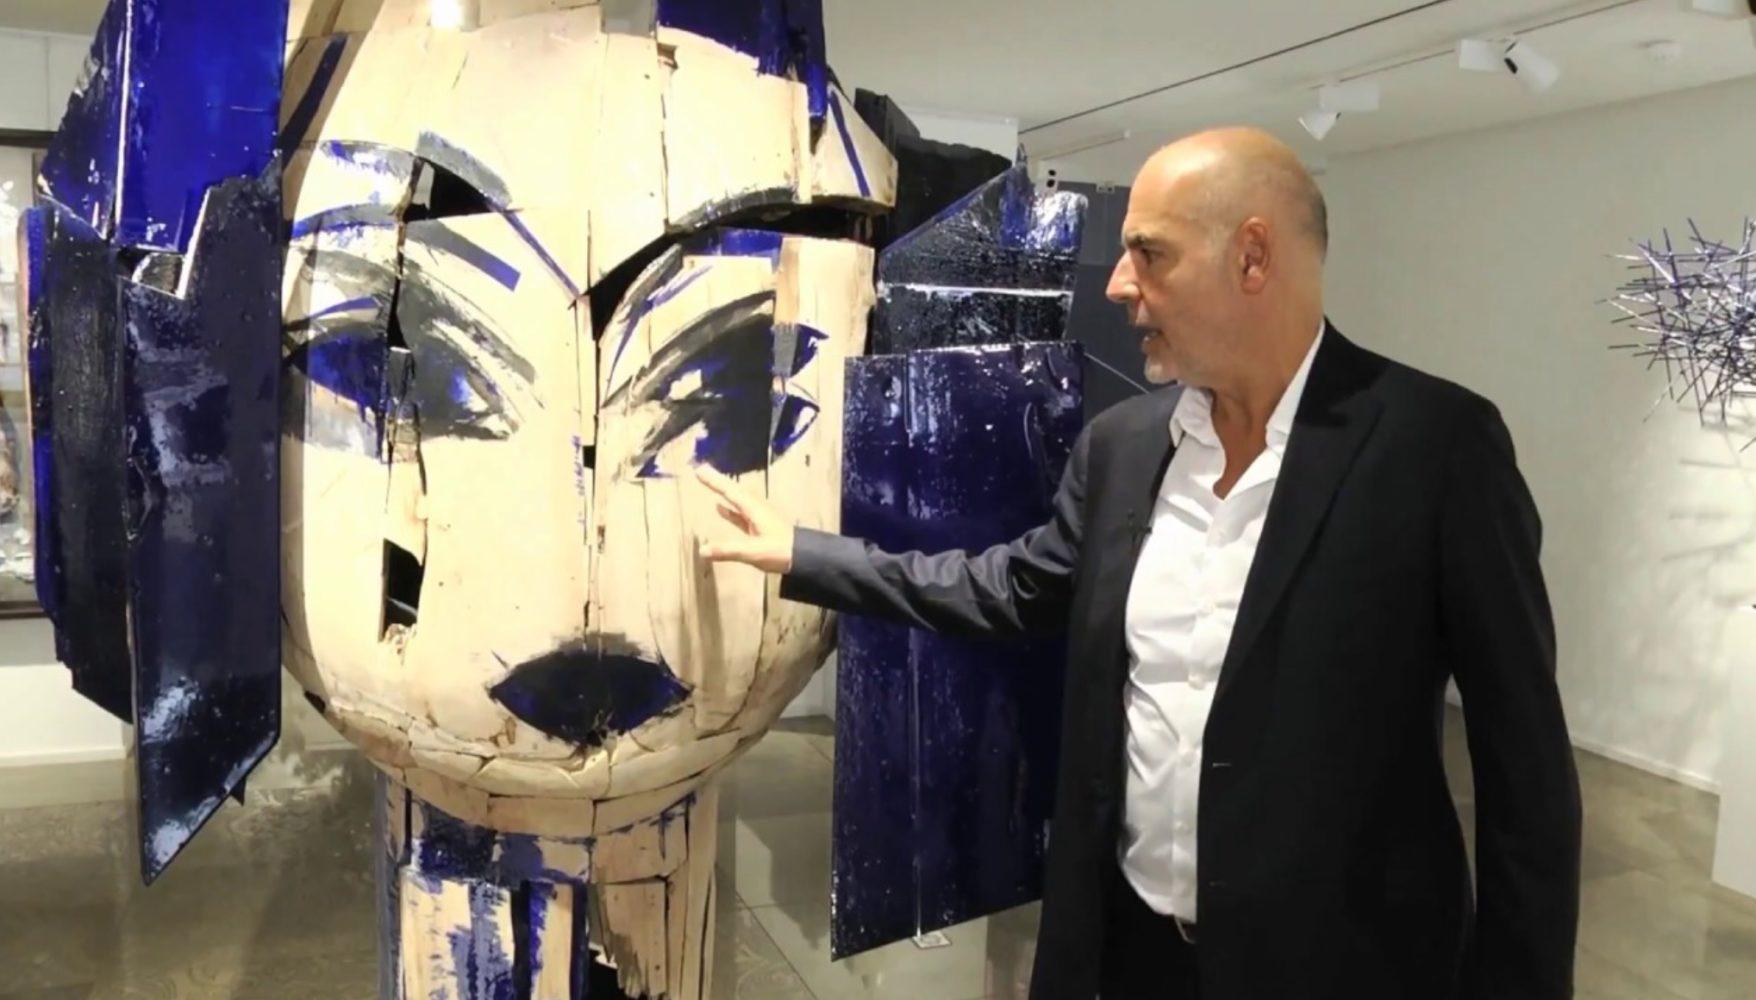 Manolo Valdés, provocation, humour, et beaucoup de talent